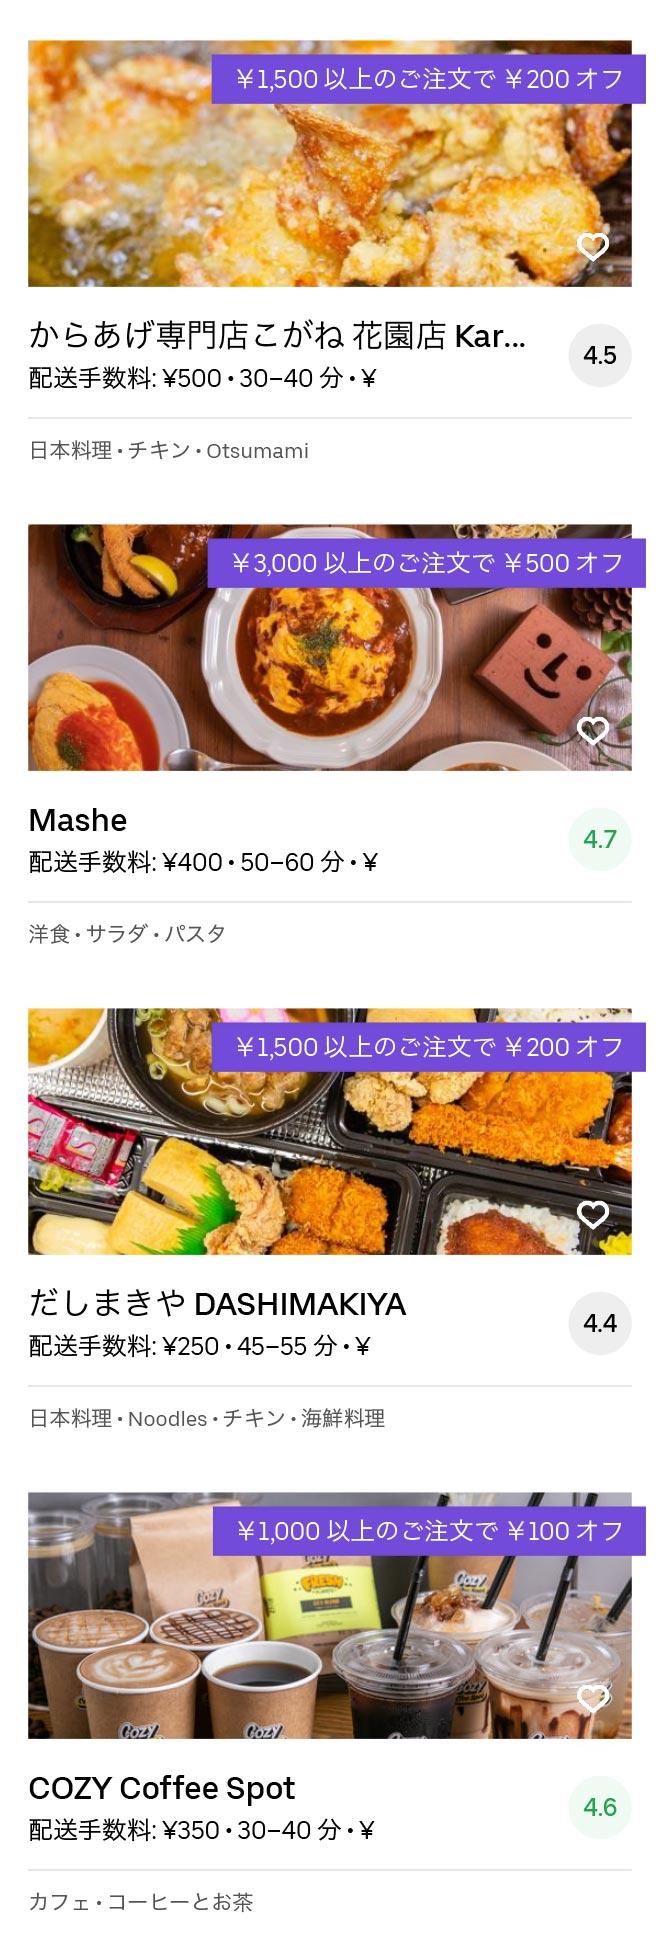 Osaka suminoe menu 2005 09